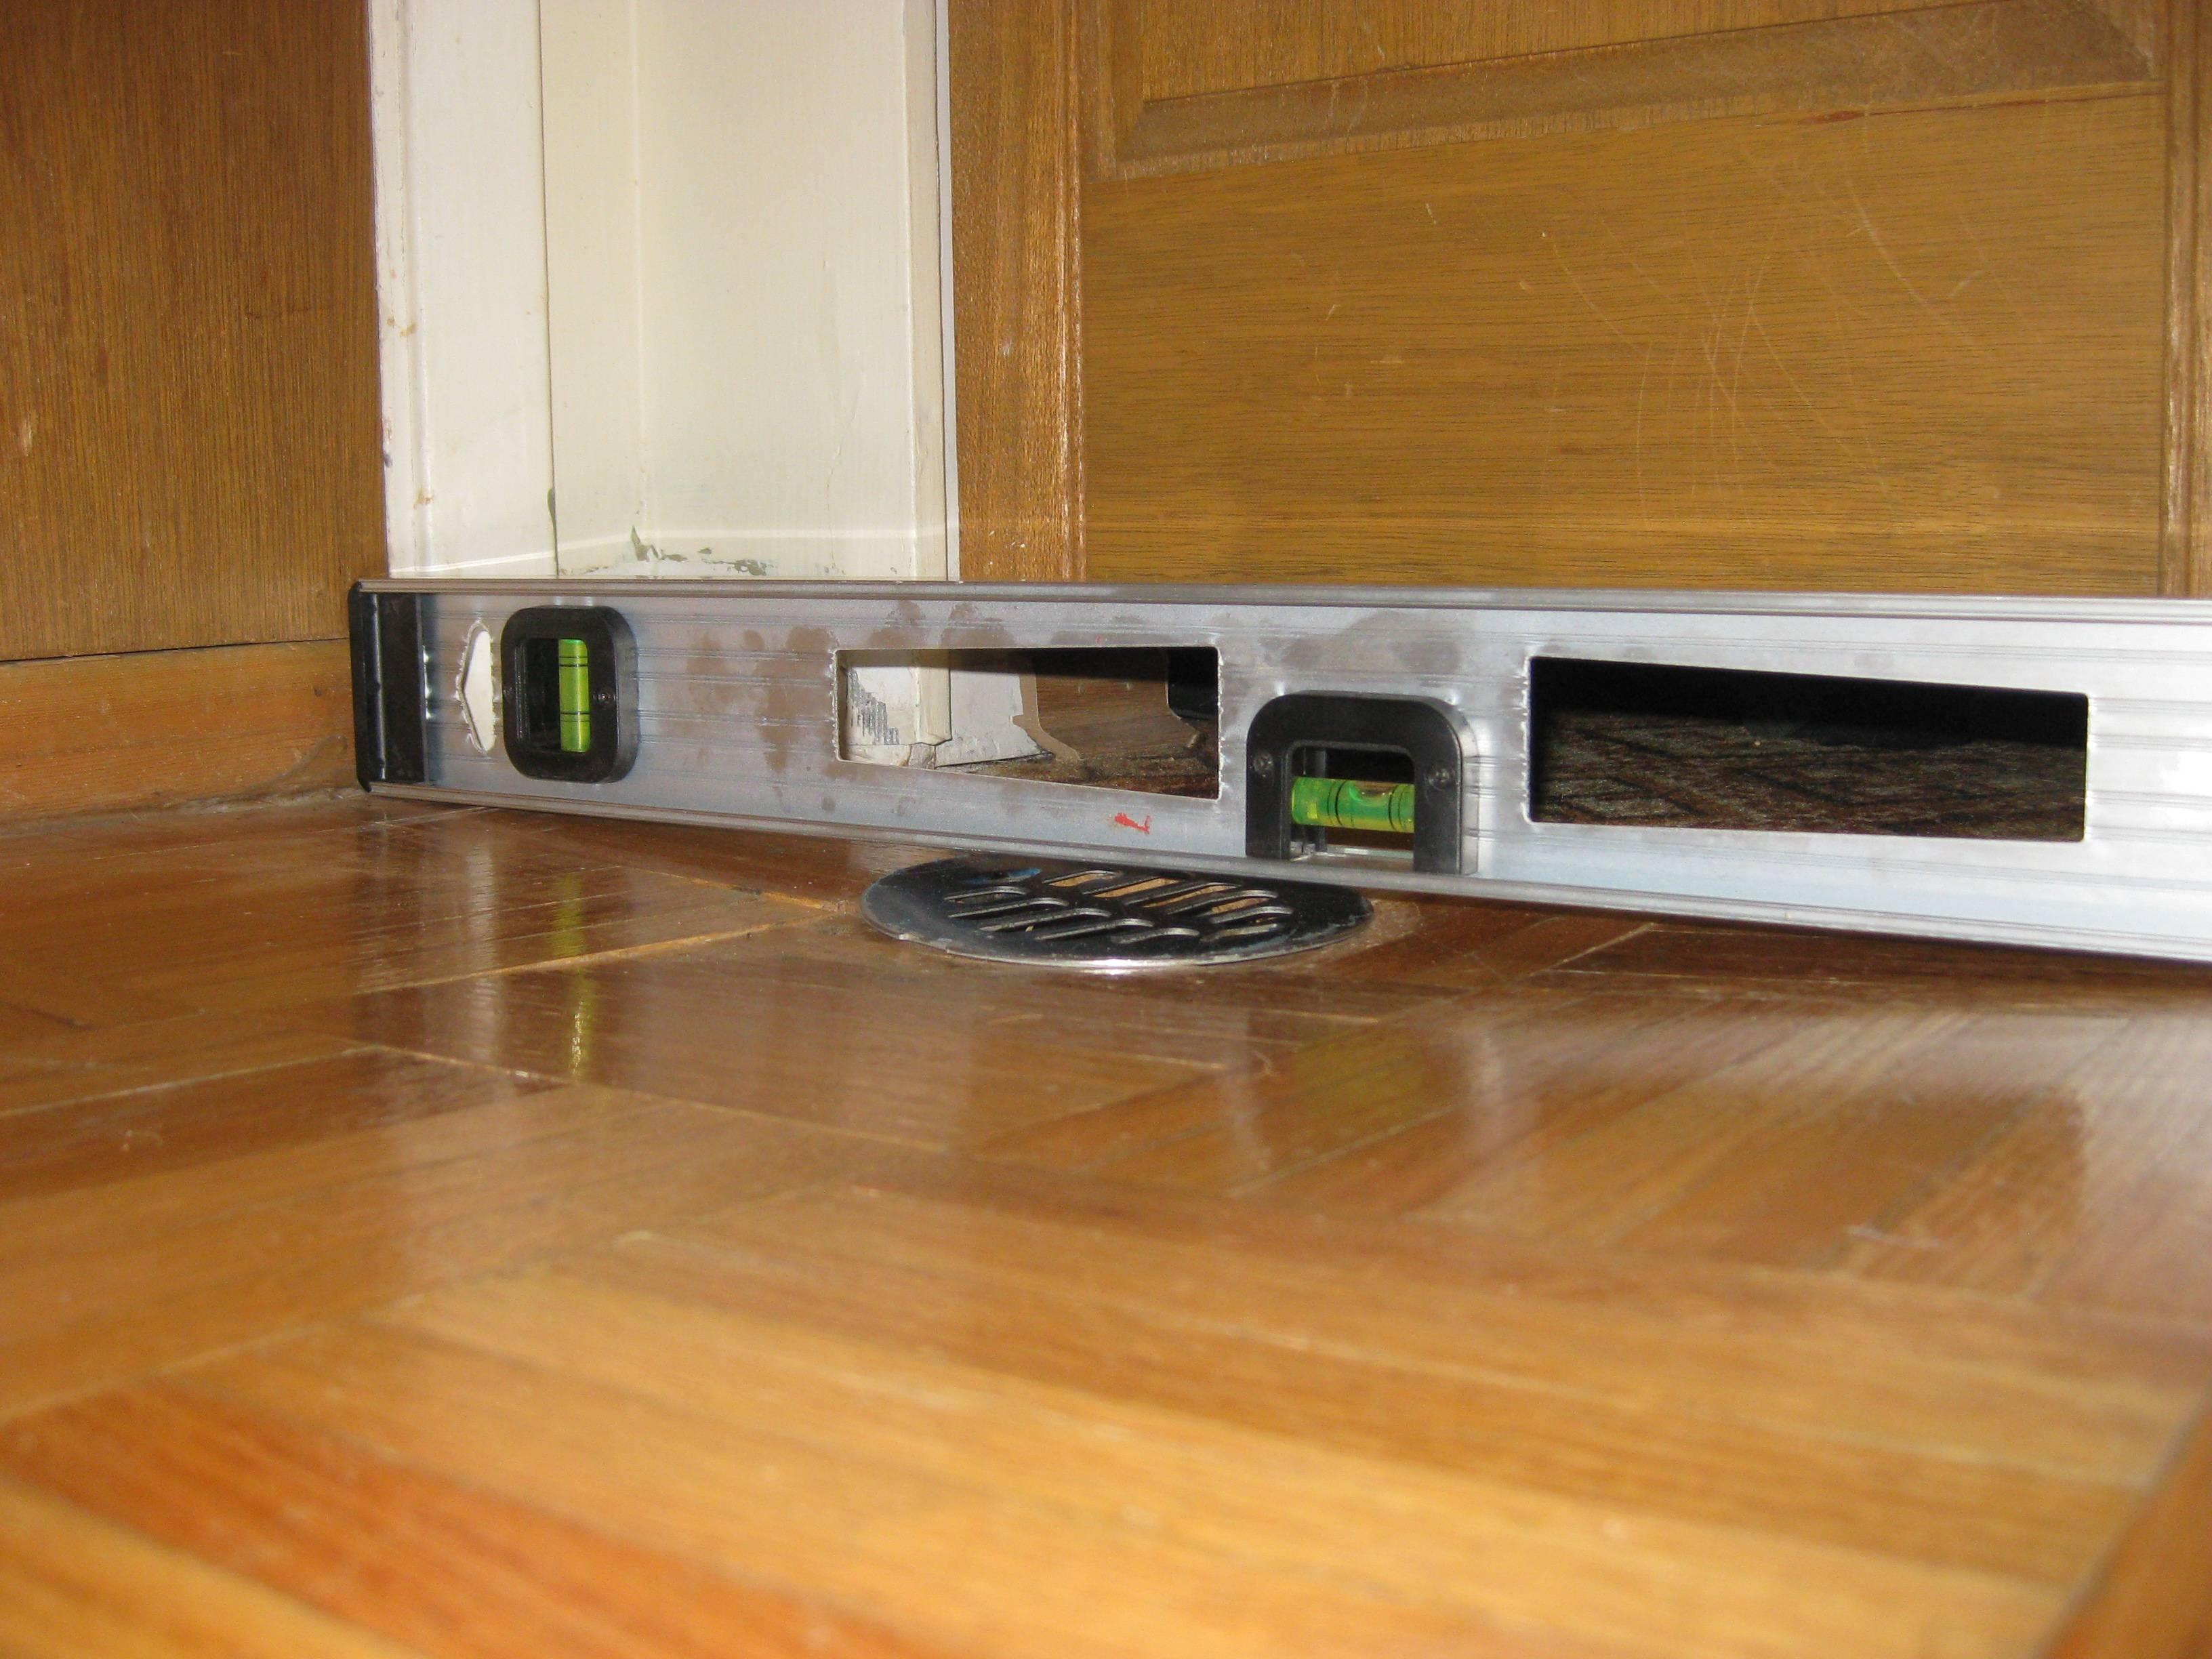 Leveling Basement Floor For Laminate